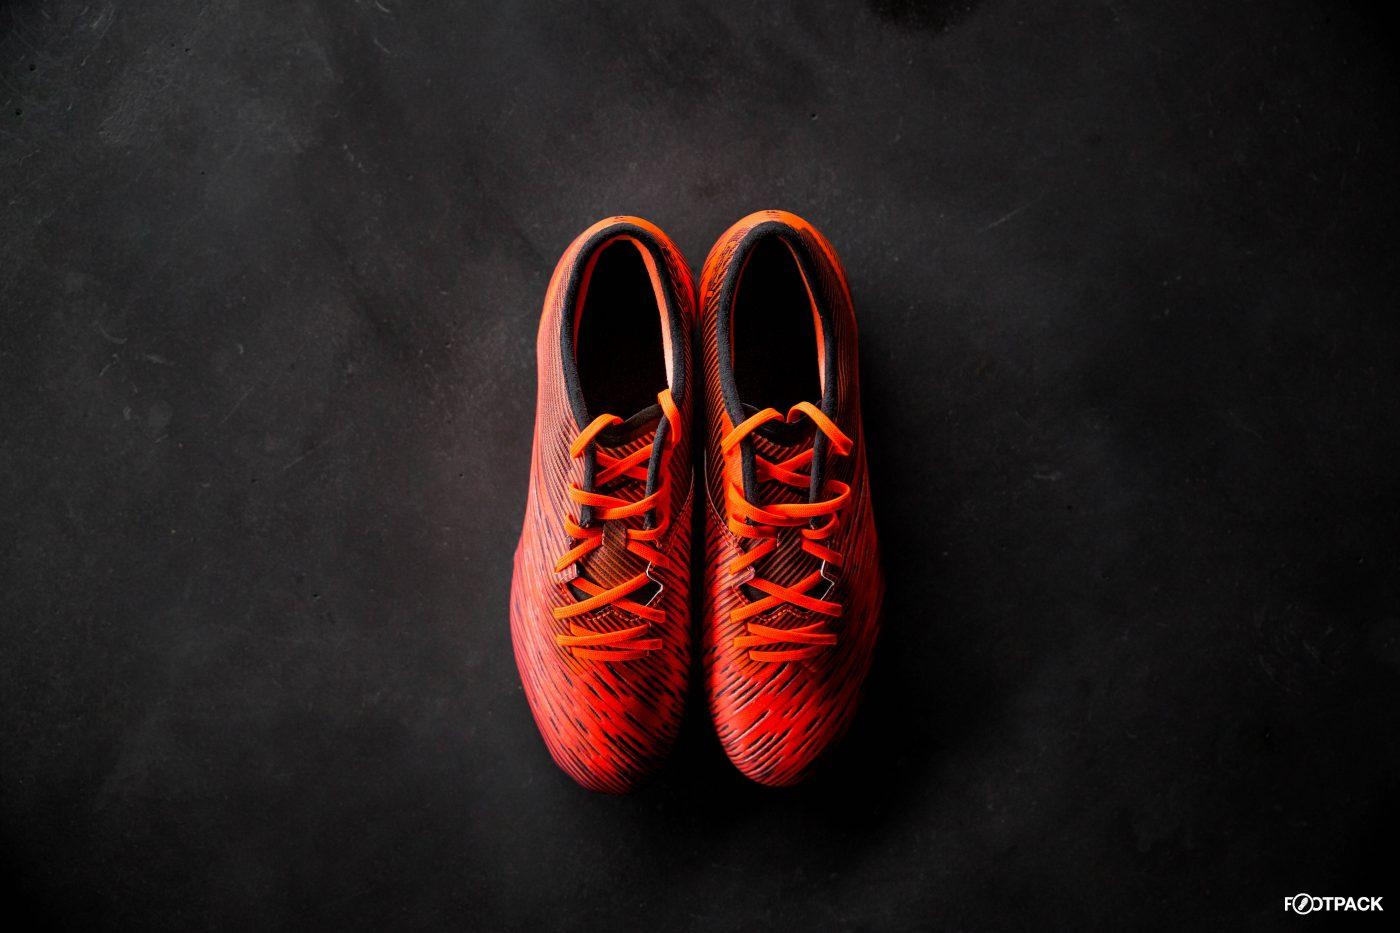 kipsta-clr-900-clr900-decathlon-chaussures-football-footpack-18